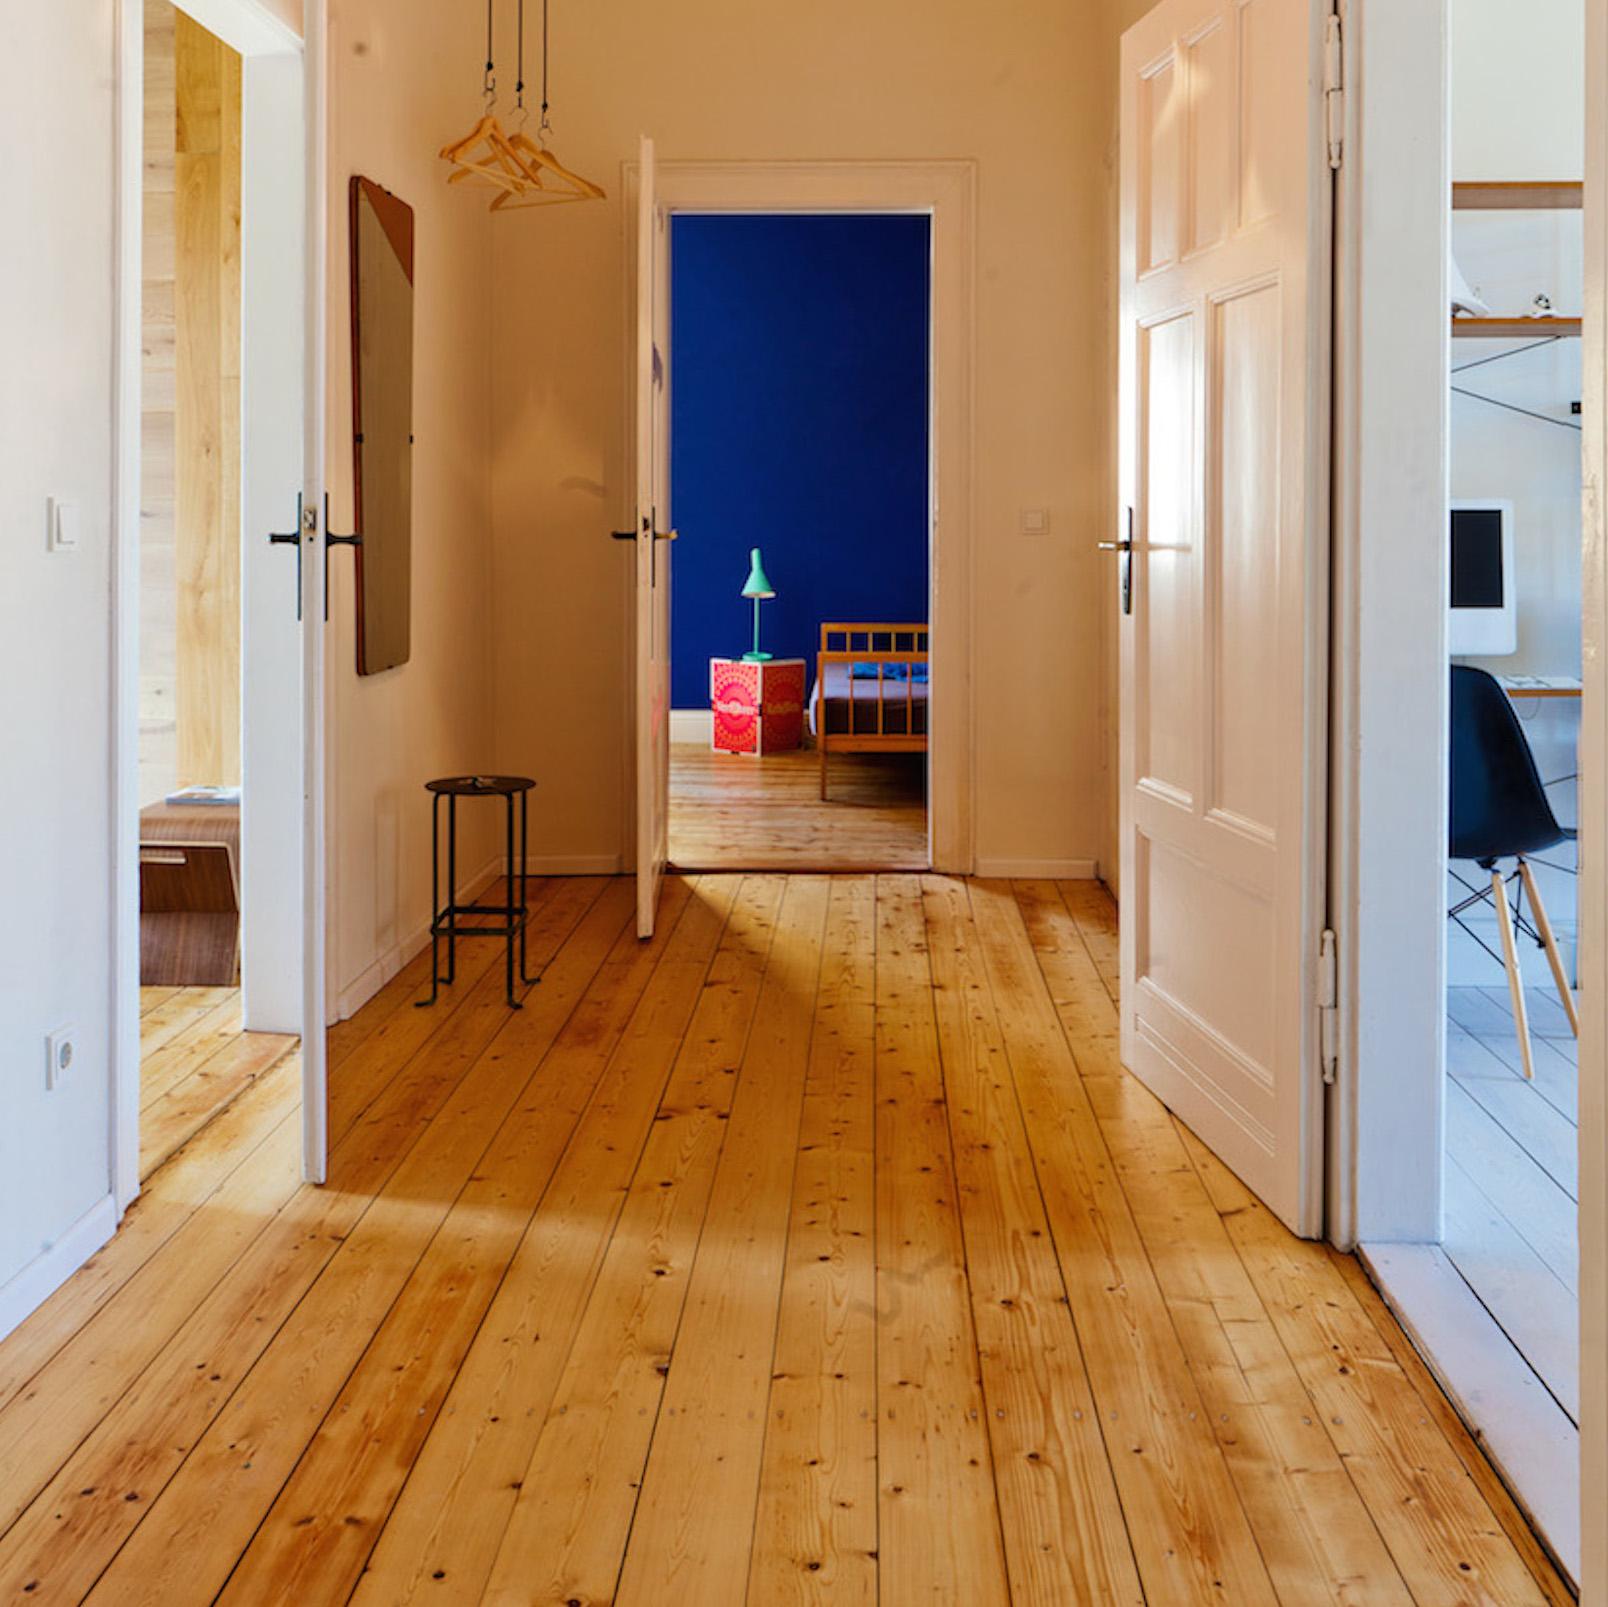 Großartig Hotelzimmer Design Mit Indirekter Beleuchtung